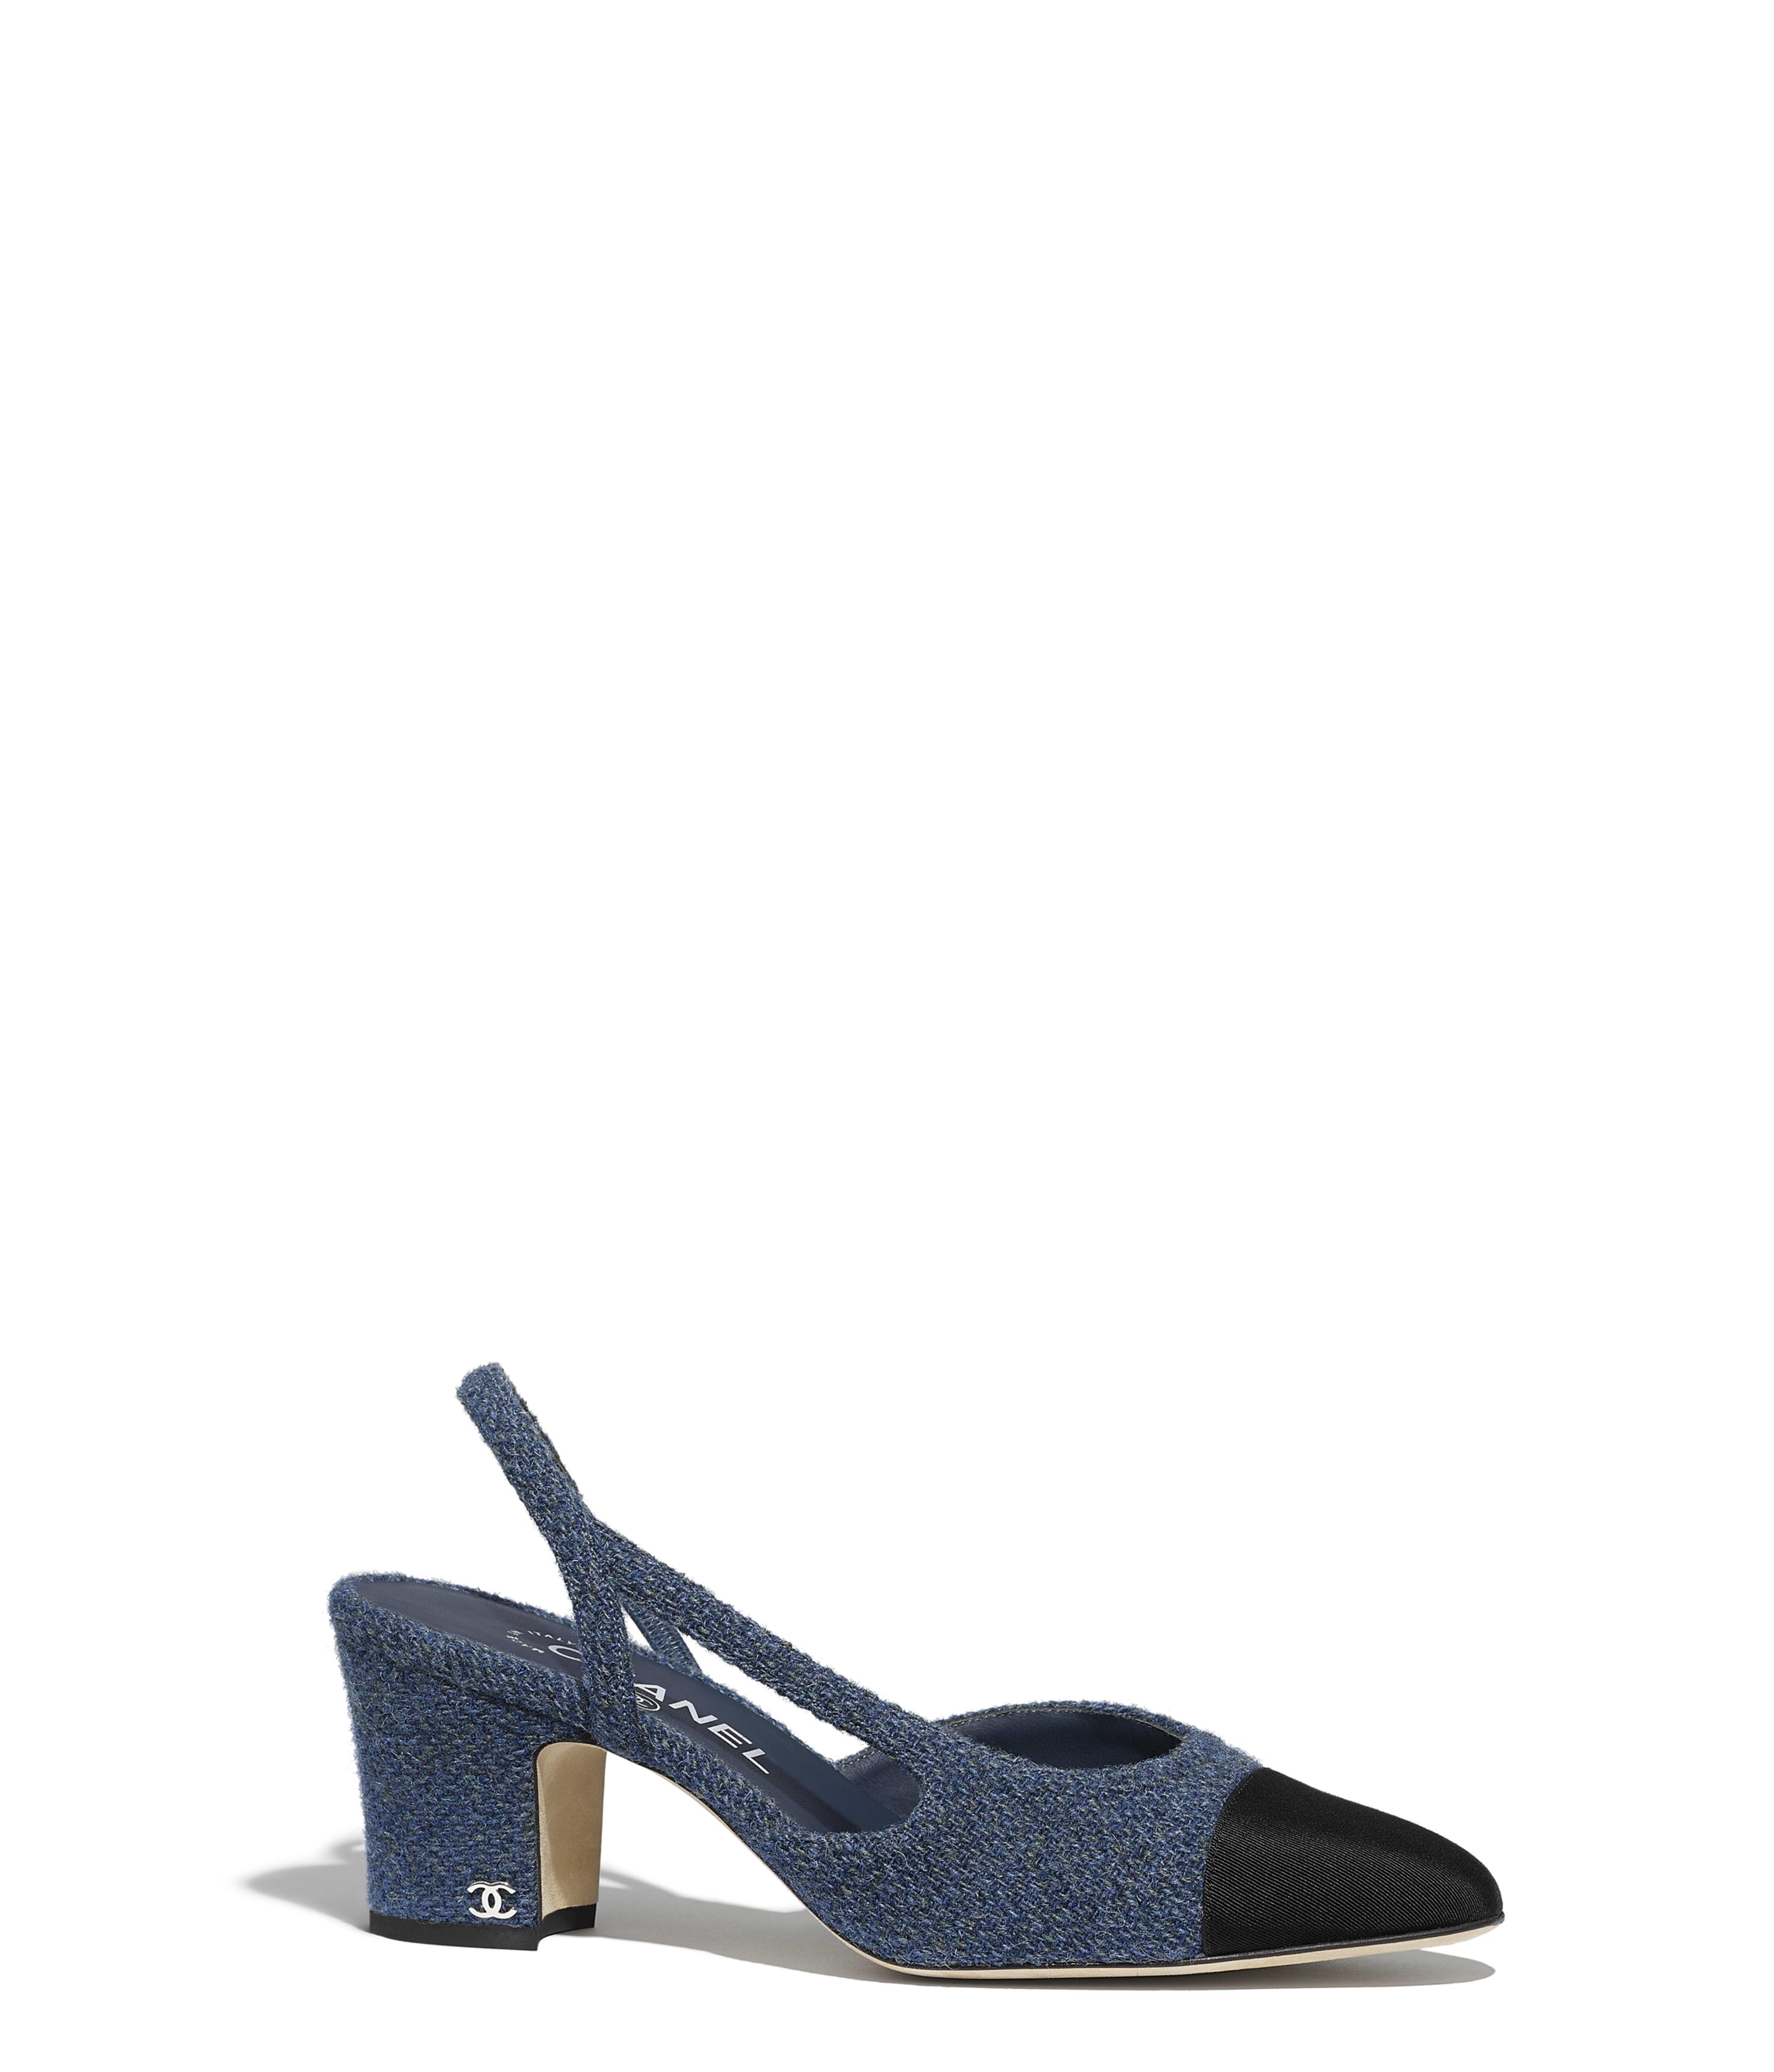 8707e053546 Pumps & Slingbacks - Shoes | CHANEL